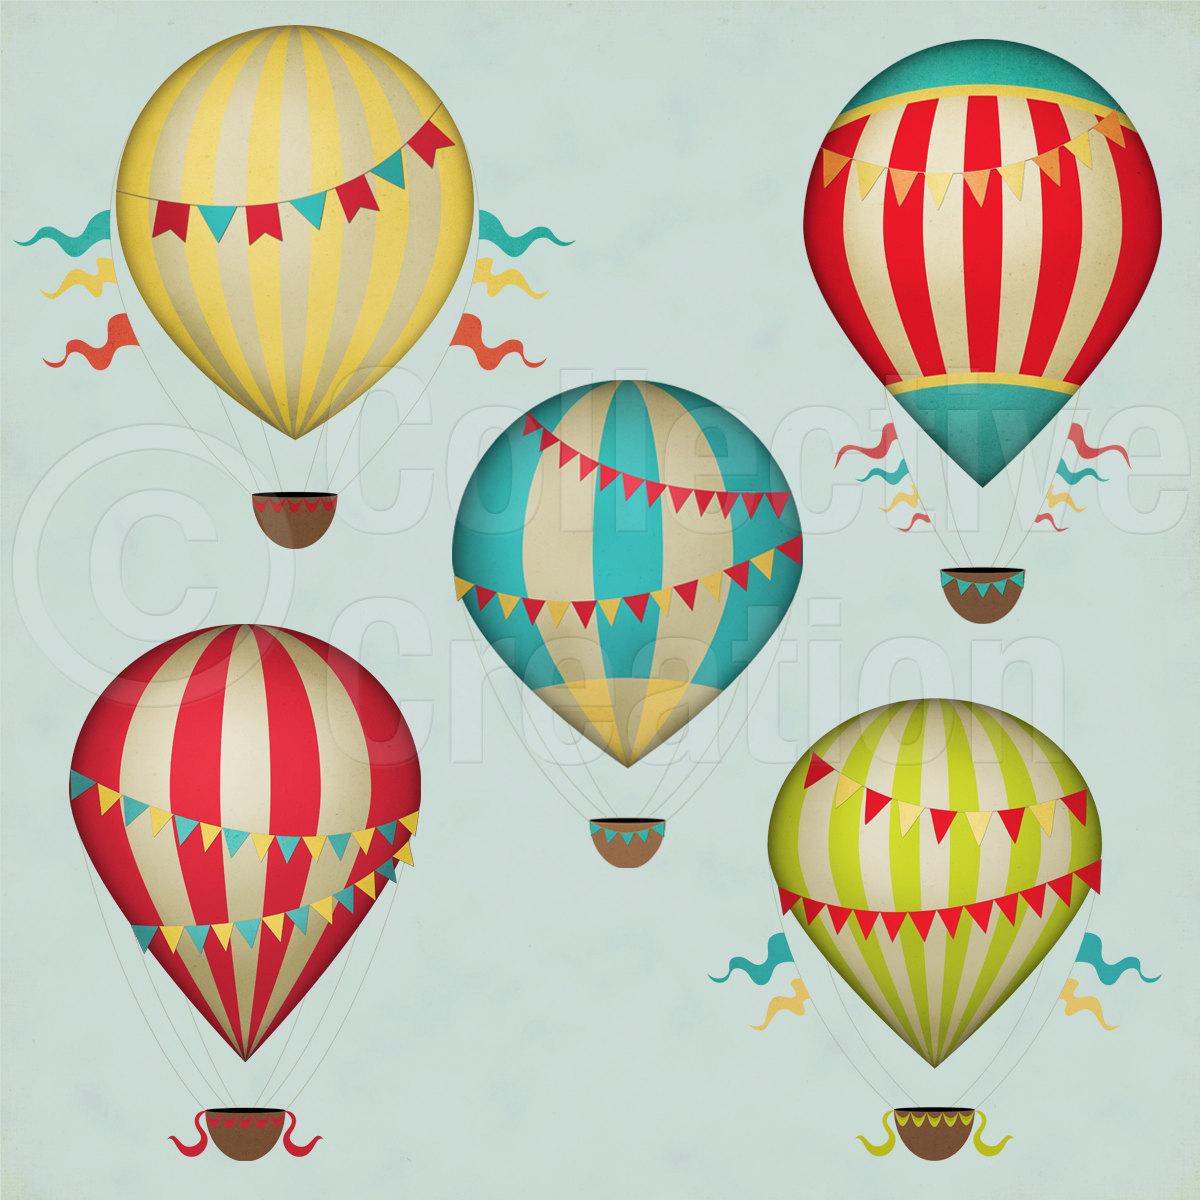 Hot Air Balloon Clip Art ... Resolution -Hot Air Balloon Clip Art ... Resolution 1200x1200 .-12